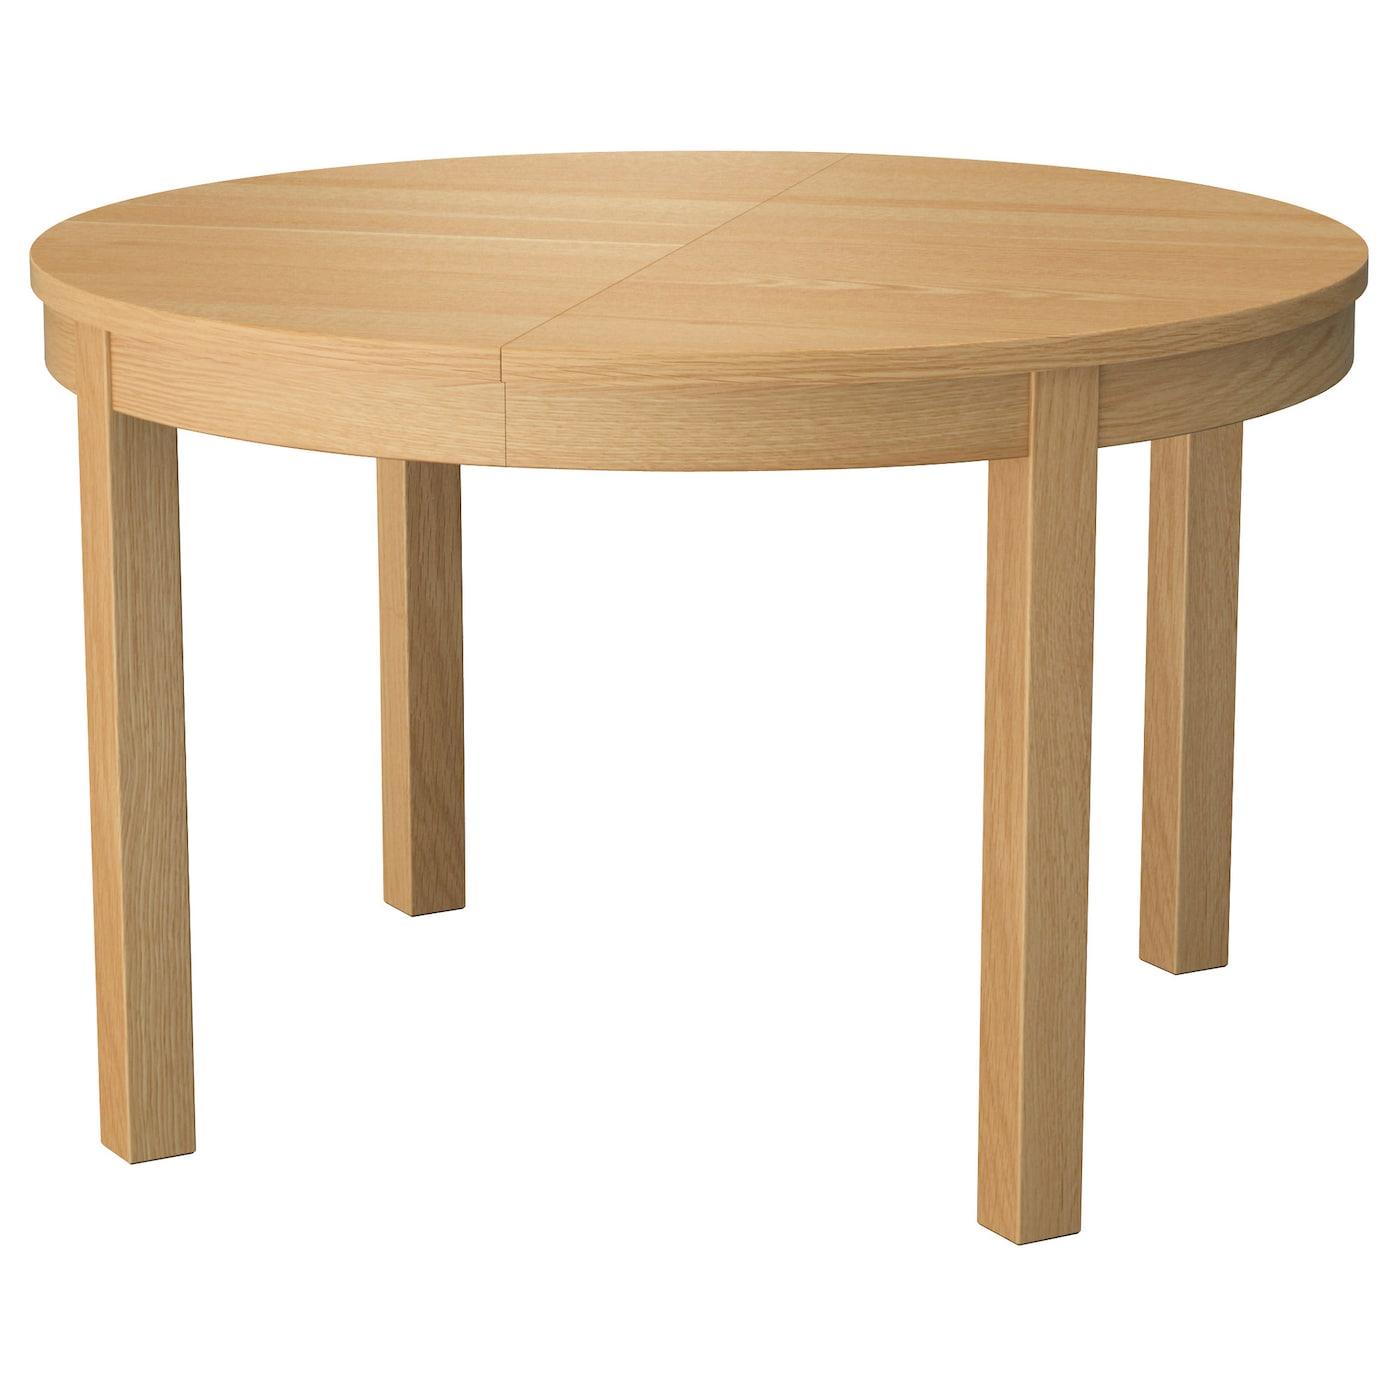 Bjursta extendable table oak veneer 115 166 cm ikea for Bjursta table